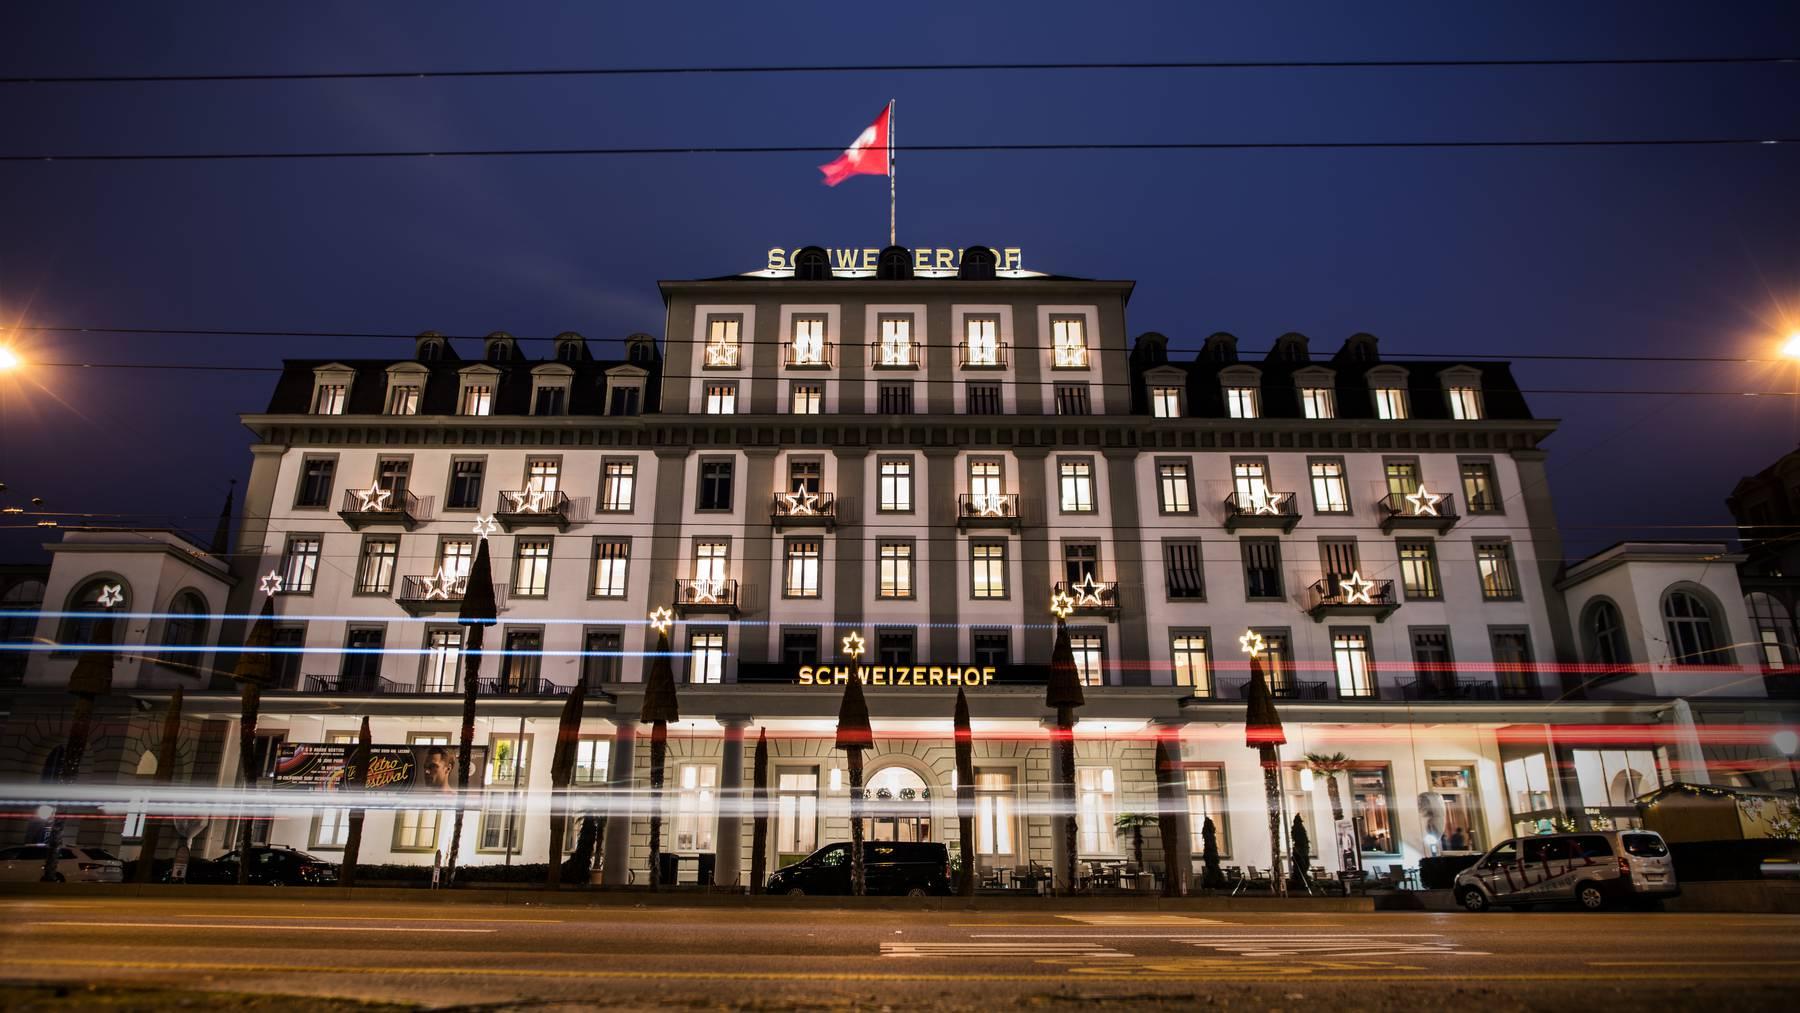 Die Übernachtungen der Luzerner Hotels, im Bild das Schweizerhof, haben sich im November 2020 gegenüber Vormonat halbiert.